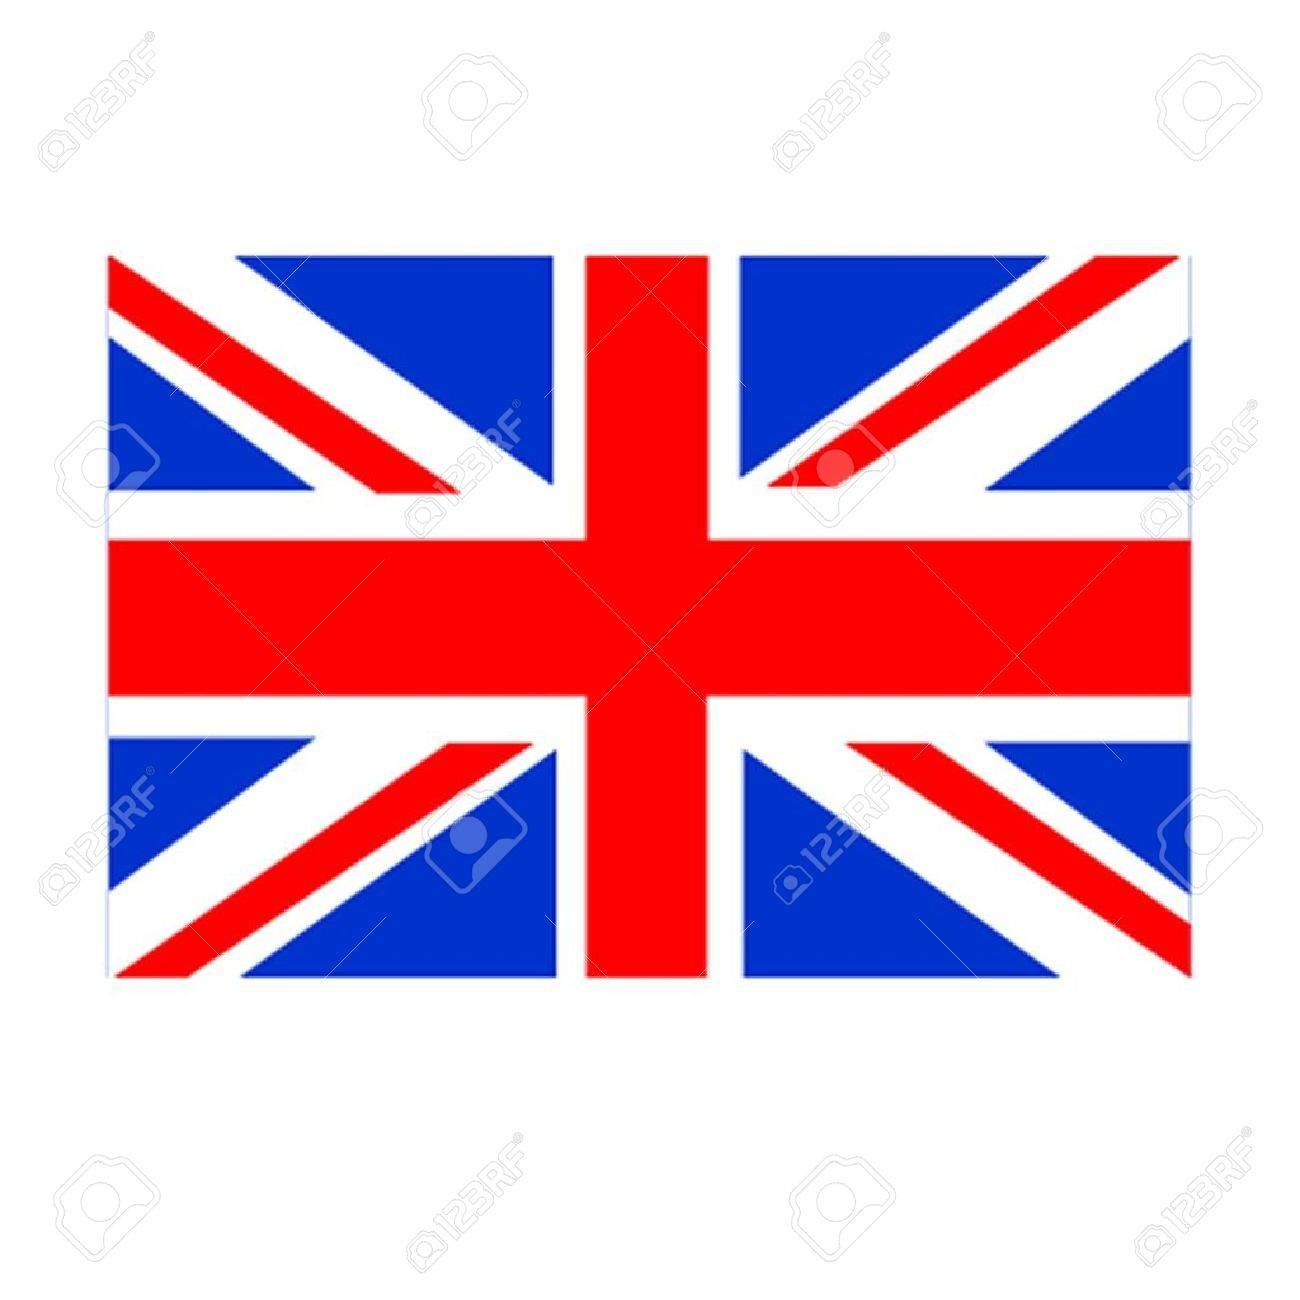 Почему флаг the union jack